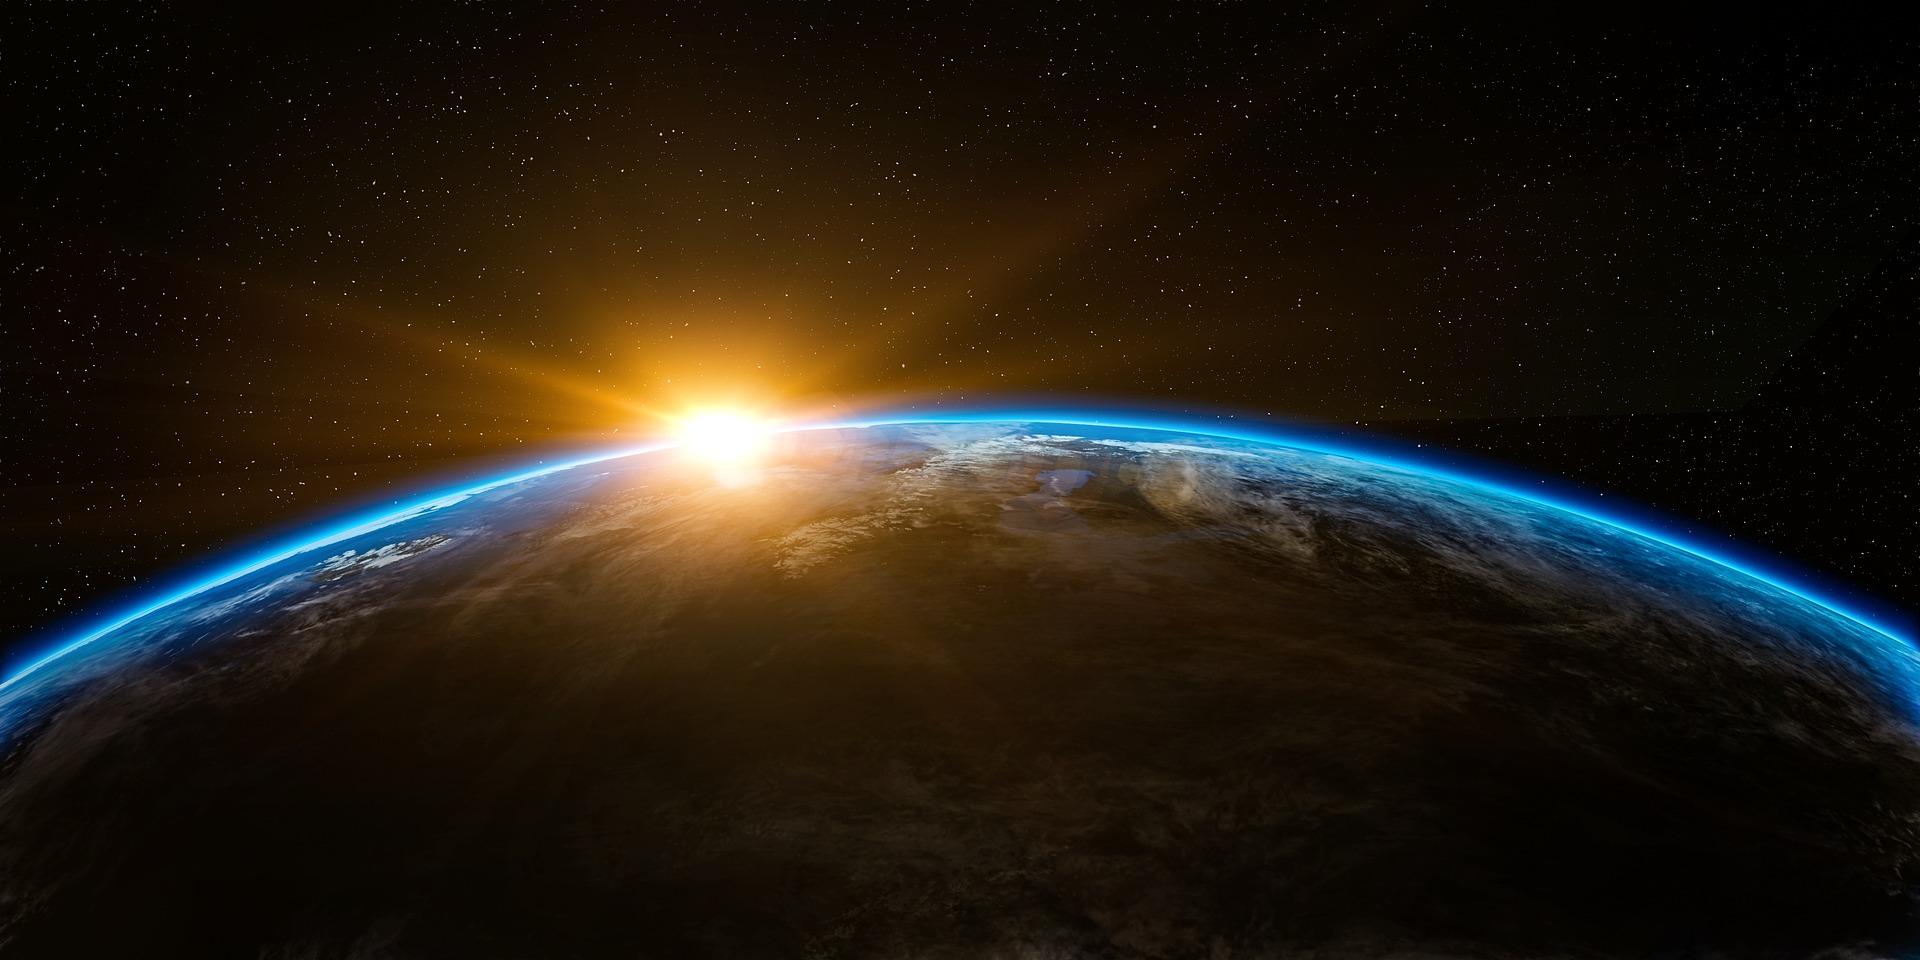 Nuevo mundo1920 - Un nuevo mundo es posible